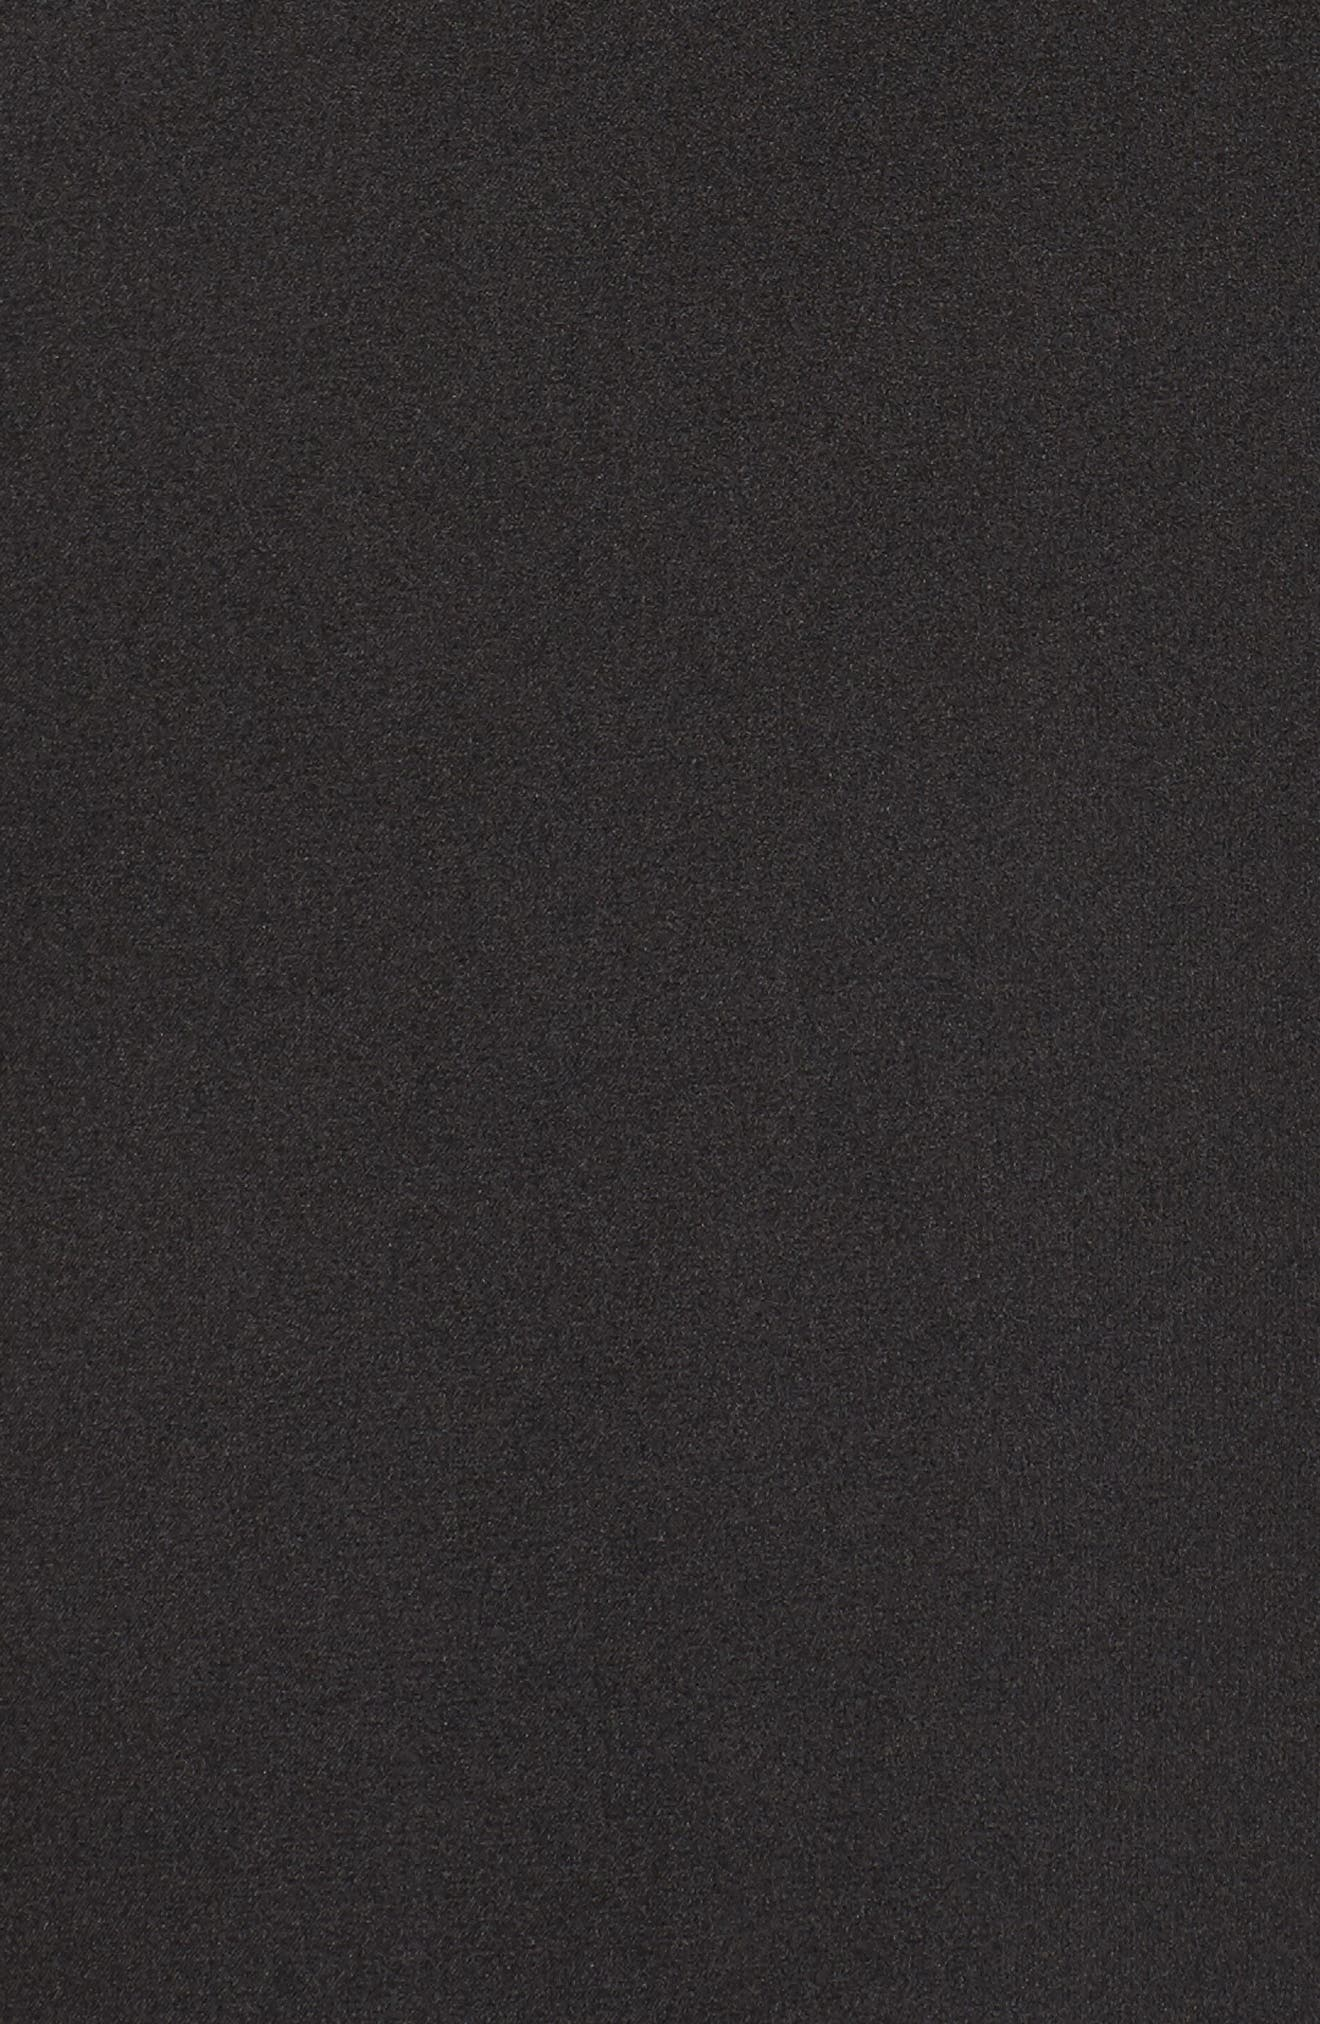 Femme Fatale Slip Dress,                             Alternate thumbnail 5, color,                             001